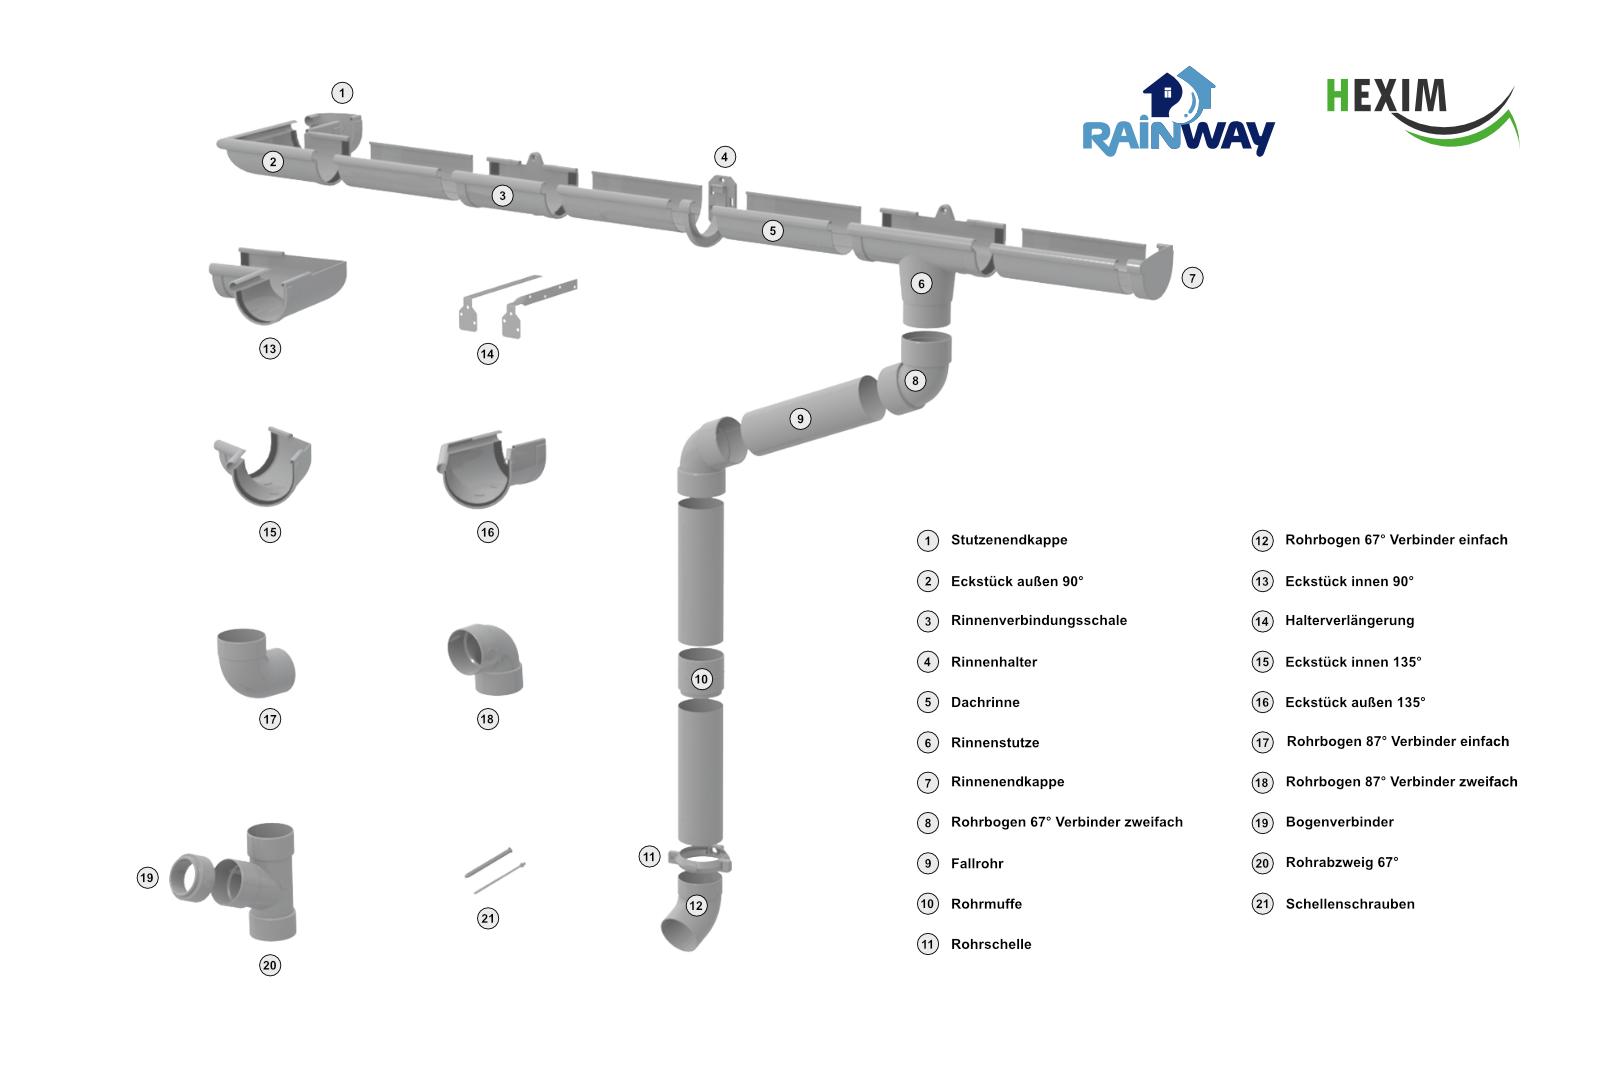 Kunststoff PVC RainWay90 f/ür Dachfl/ächen bis 100m/² empfohlen Rinnenwinkel Au/ßen 90/° wei/ß Regenrinnen in 4 modernen Farben alle Komponenten